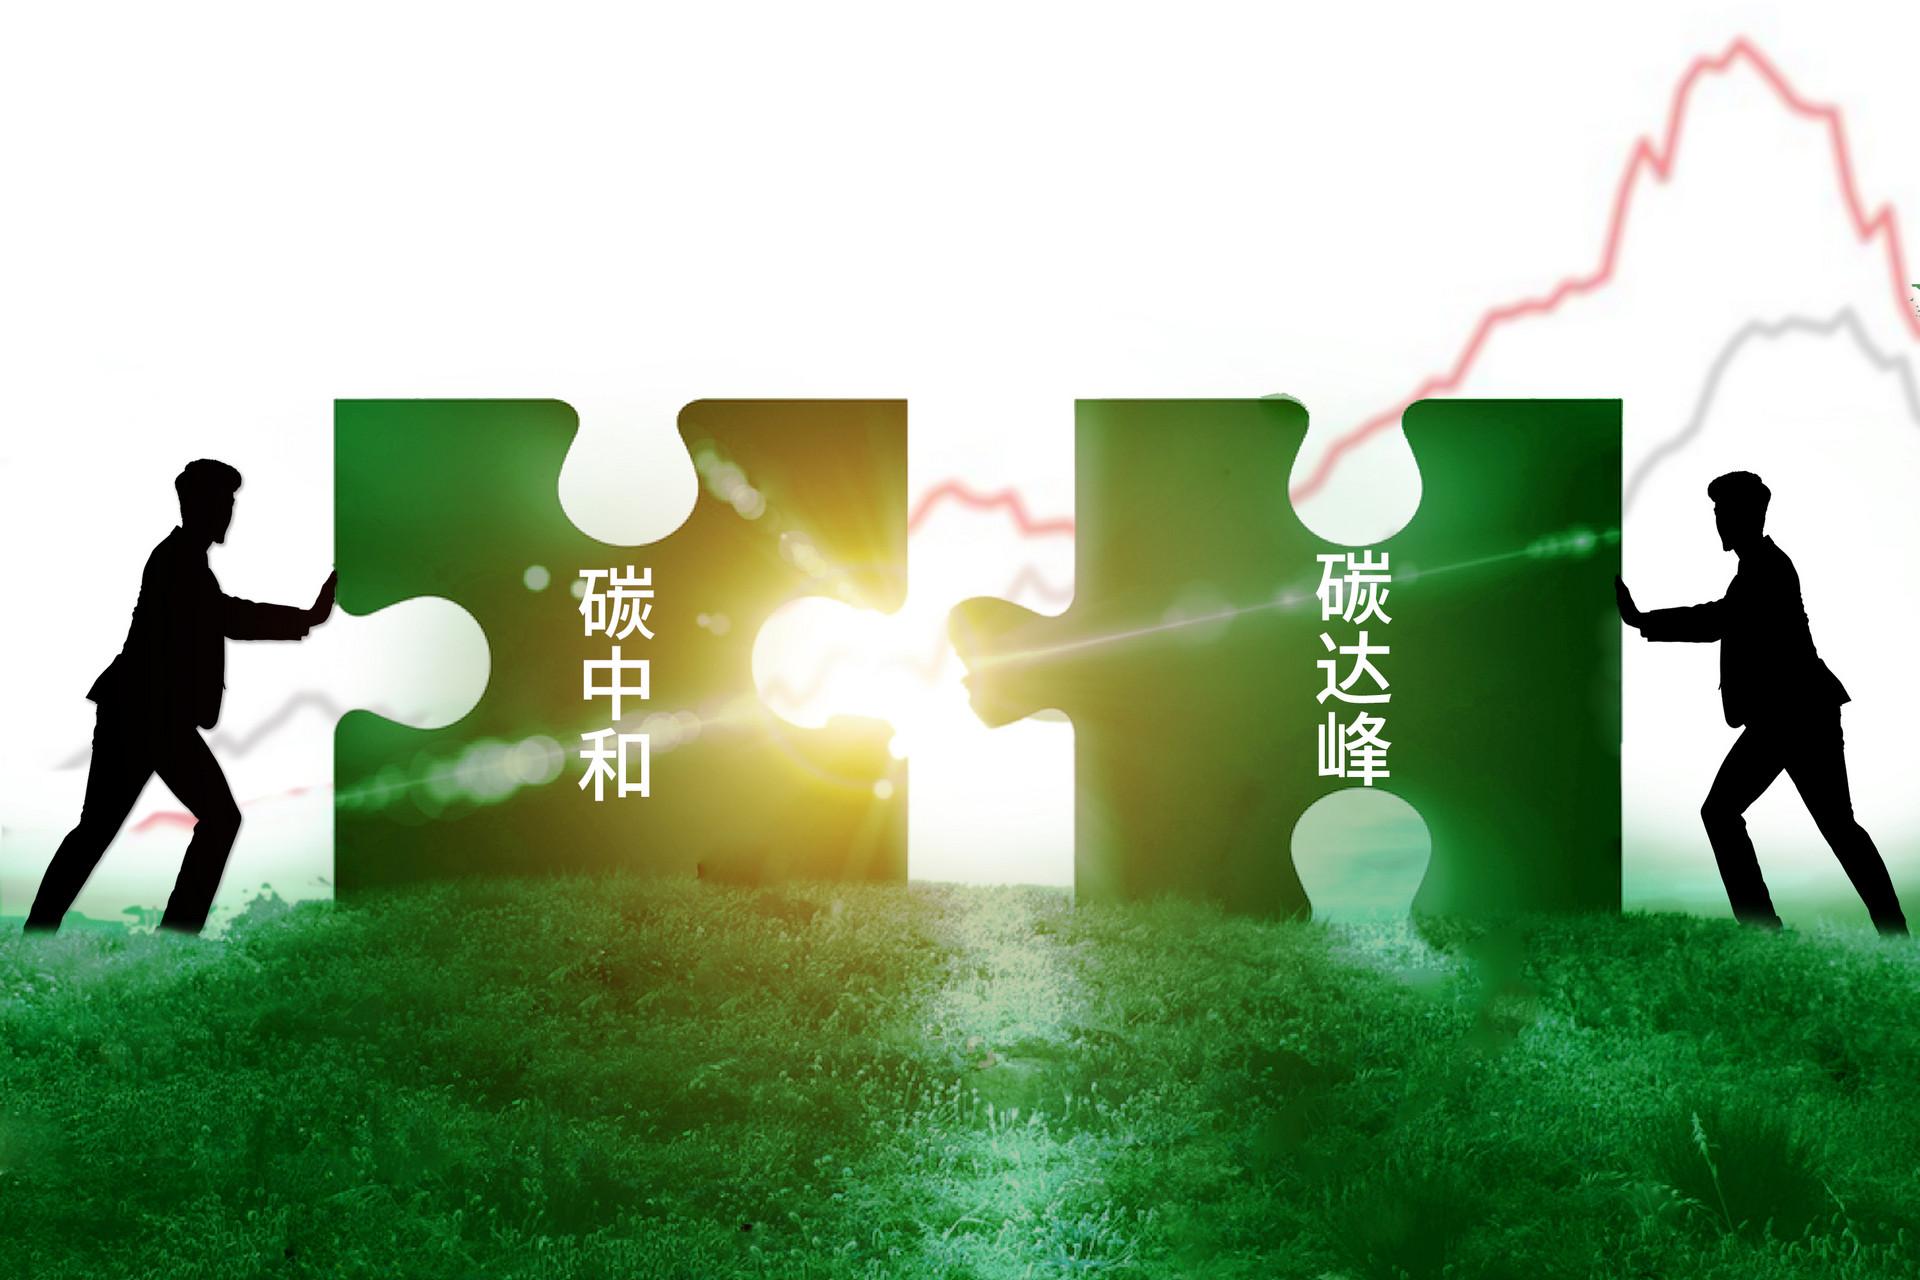 占地288亩 中国北方环保产业基地在青岛开工建设